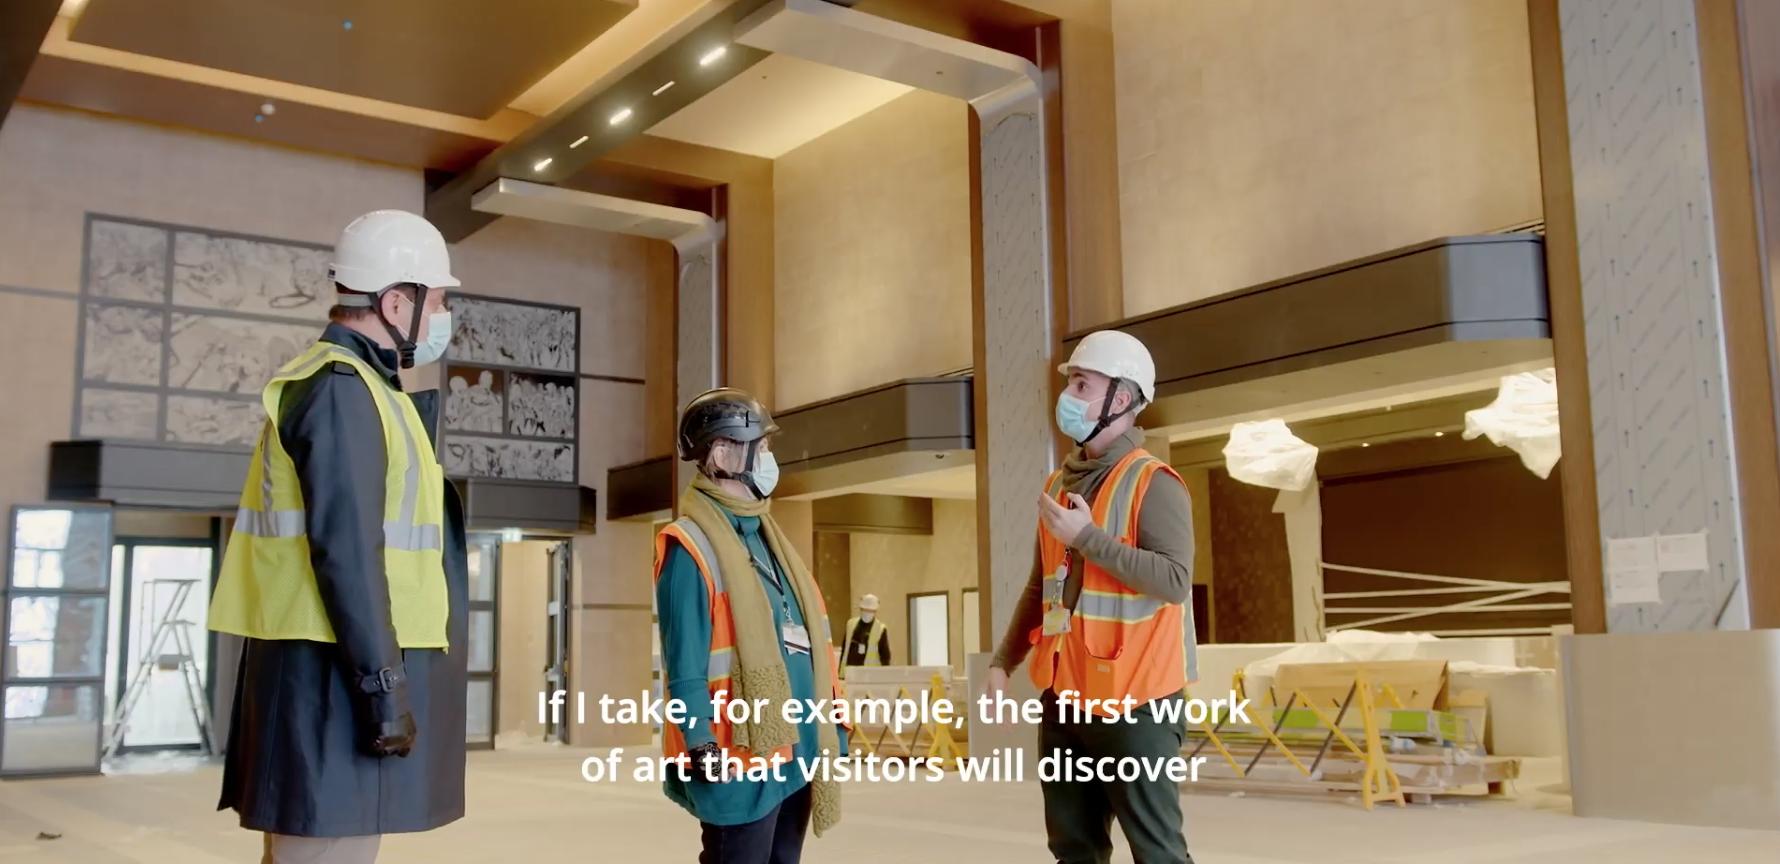 nouvel hotel new york marvel disneyland paris 2021 nouveautés